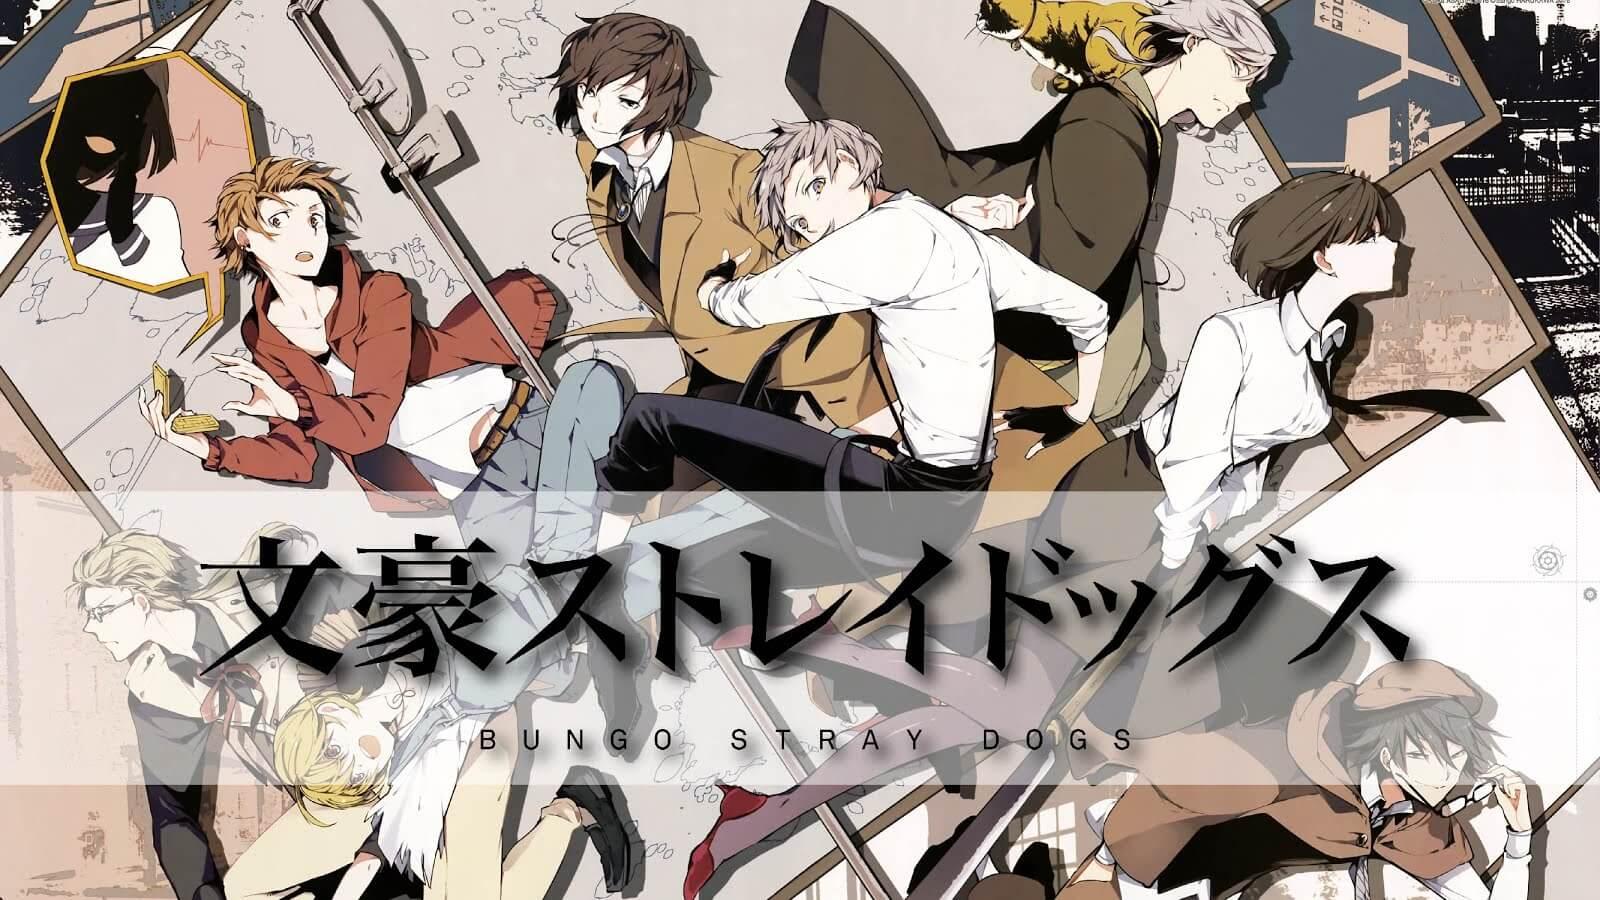 Descargar Bungou Stray Dogs Segunda Temporada anime subtitulado